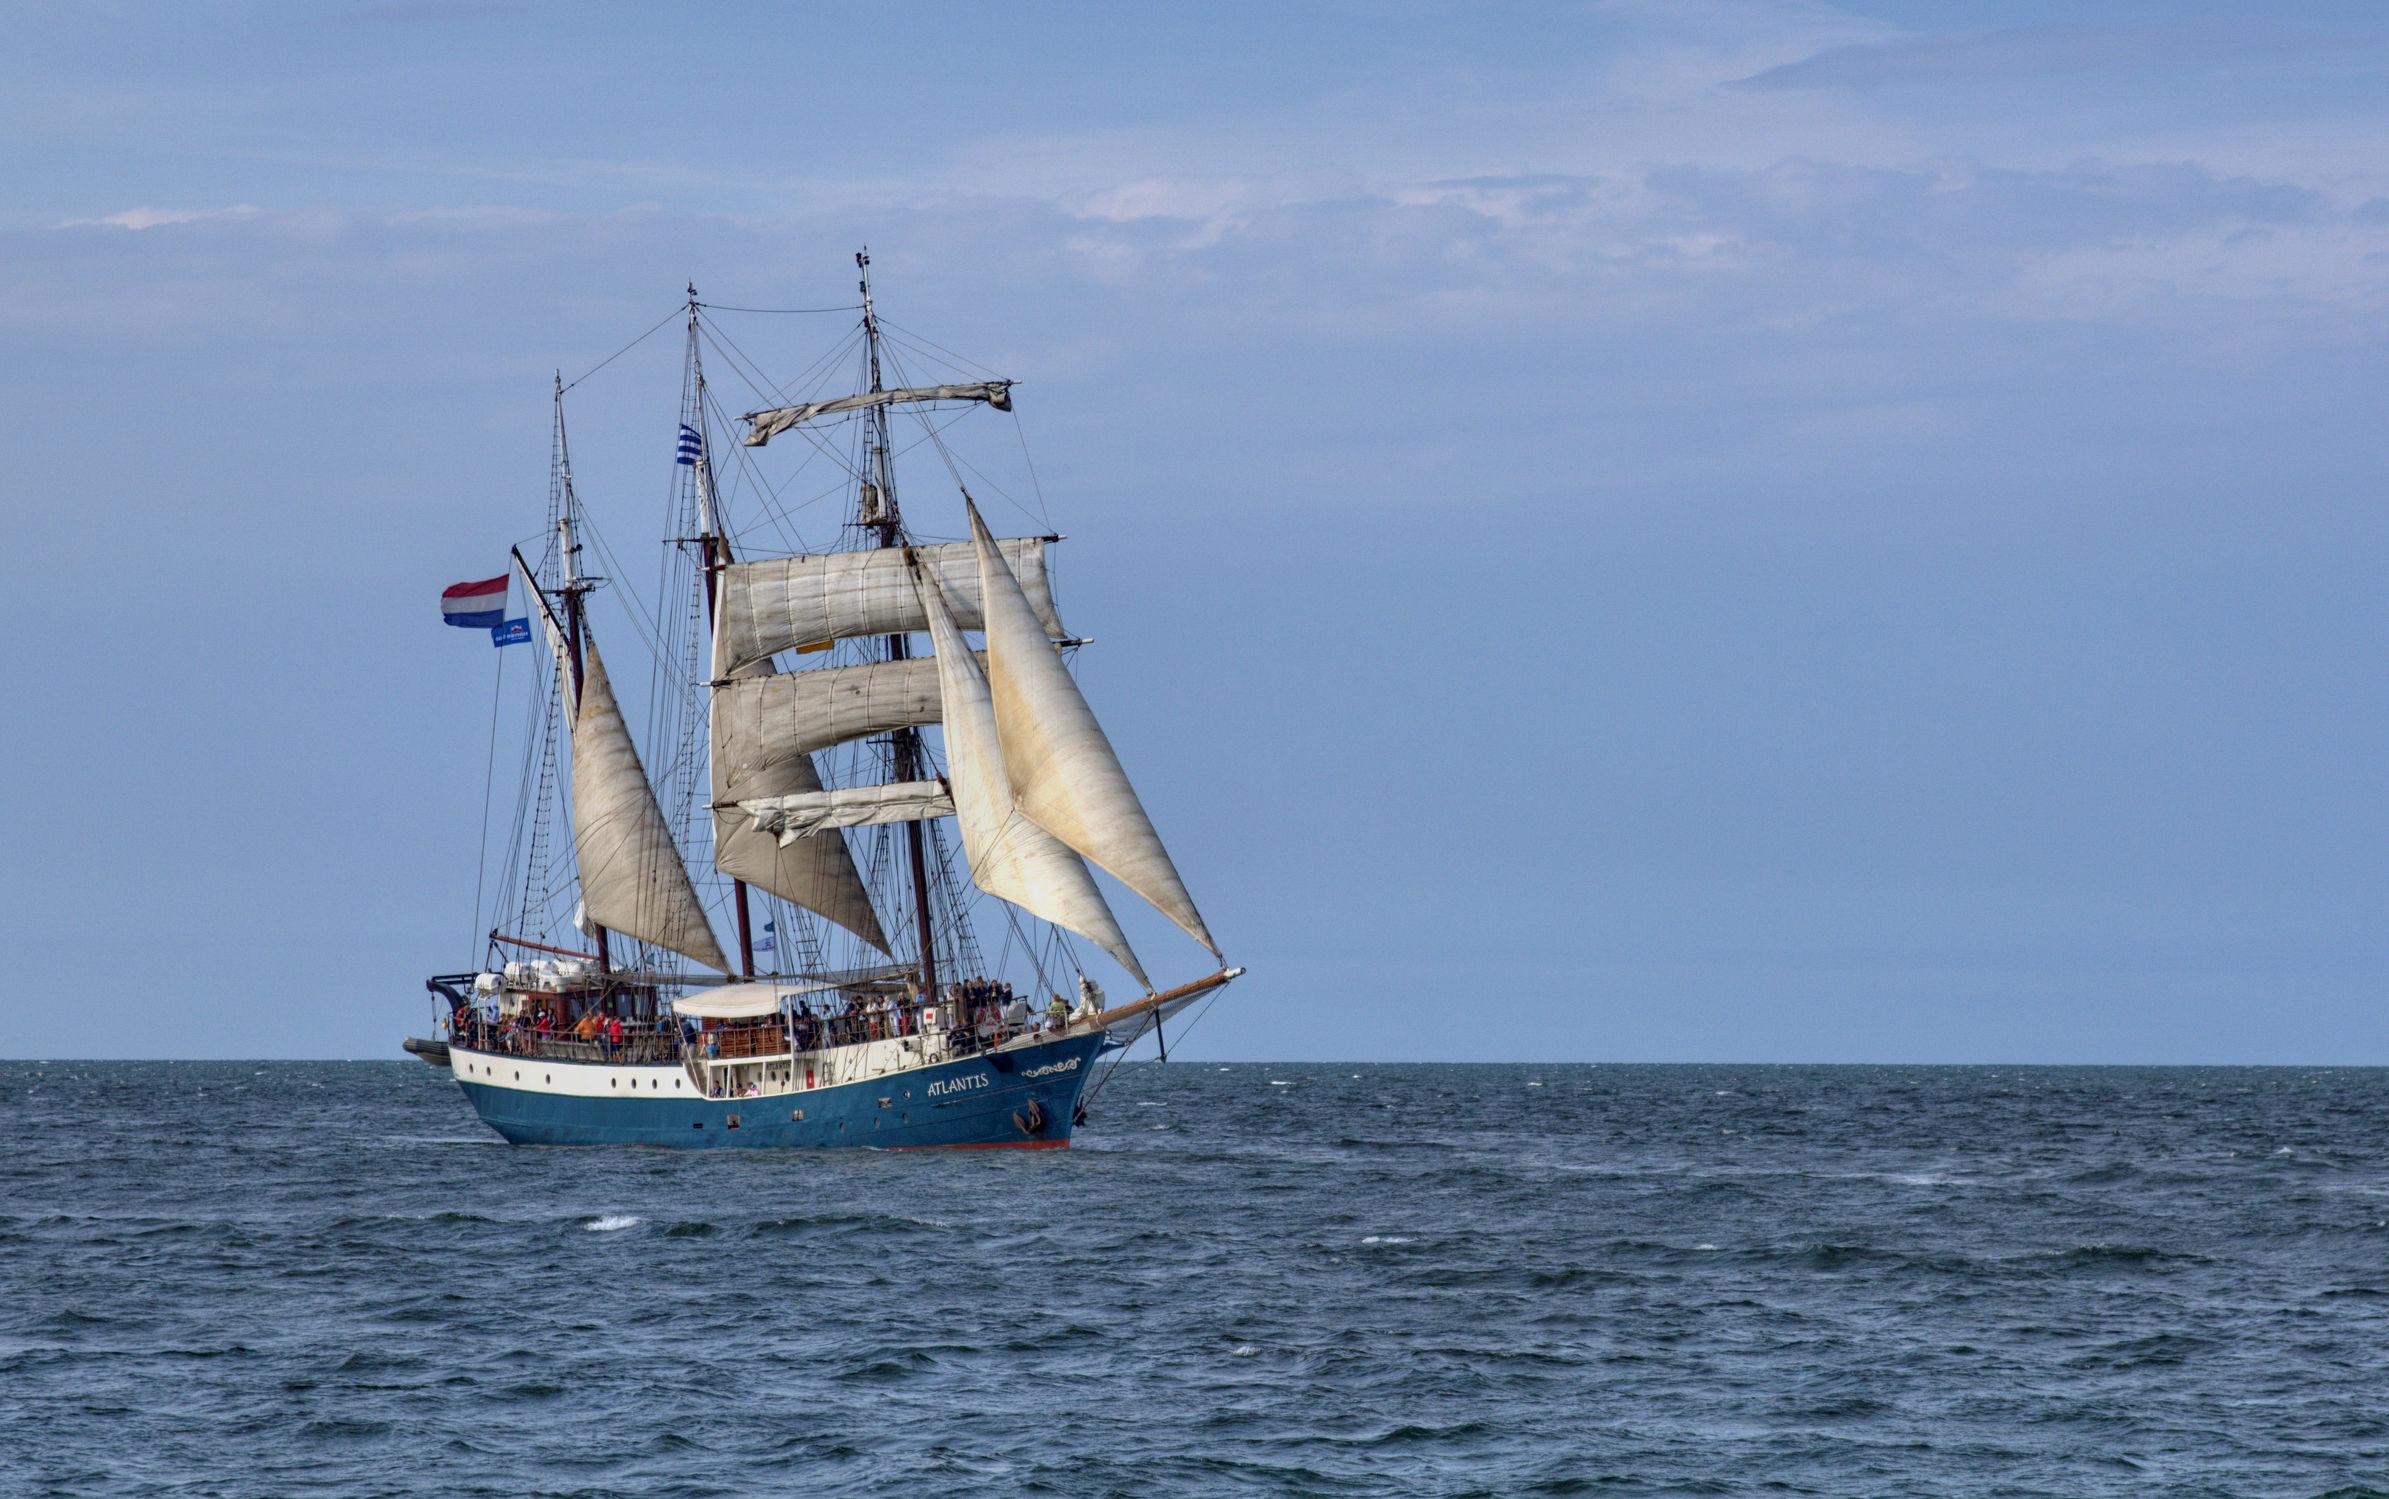 Bild mit Gewässer, Schiffe, Meerblick, Ostsee, Schiff, Meer, Boote, See, maritimes, Piraten, Piratenschiff